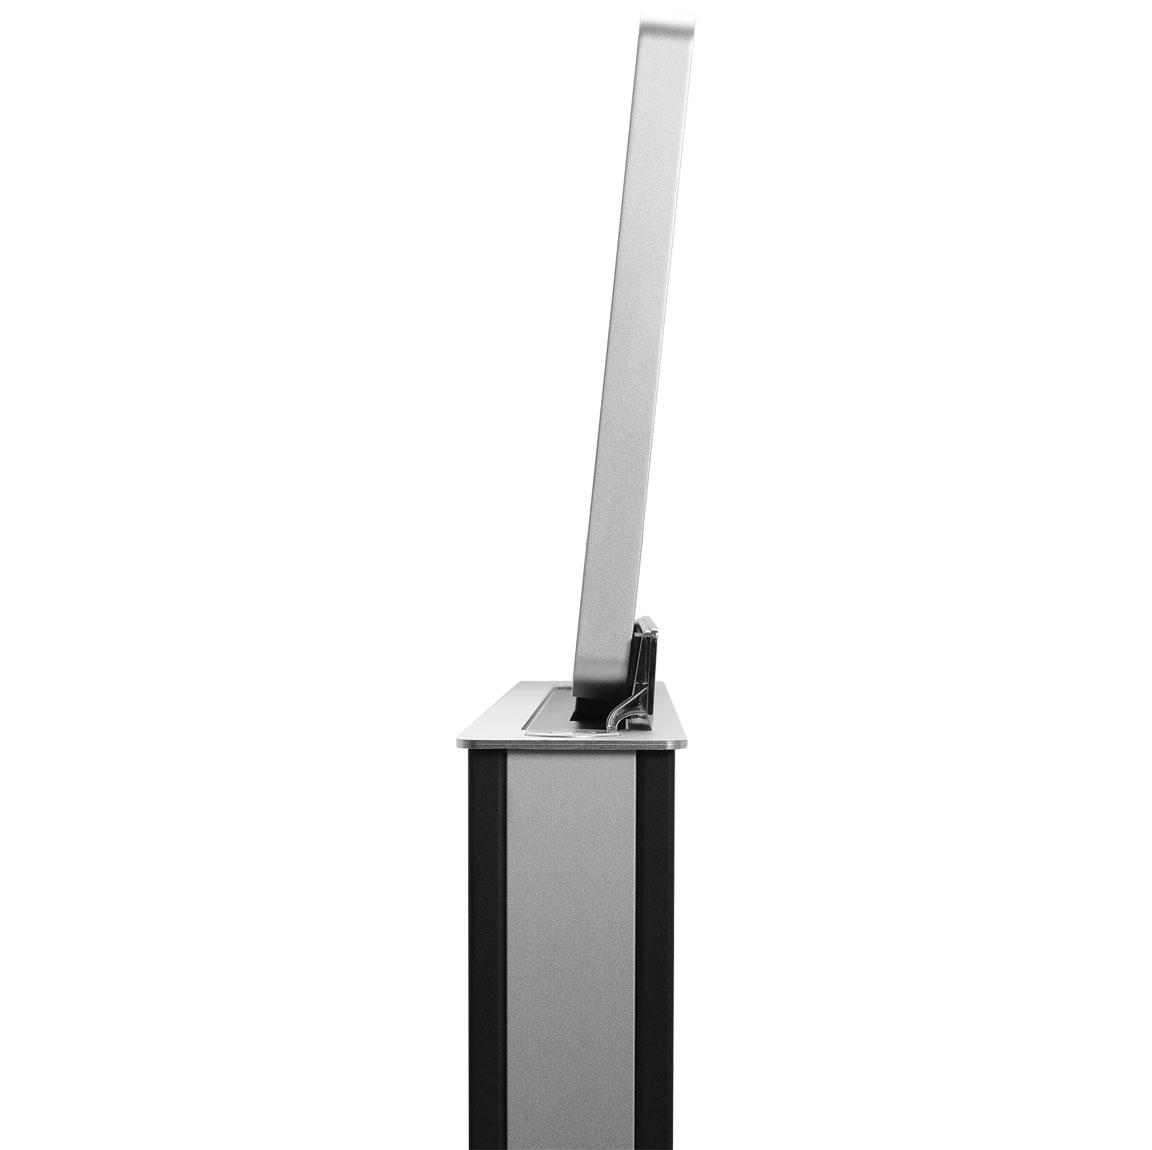 Qtex LDA-2210-M - Моторизированный лифт в сборе с ЖК-монитором 22